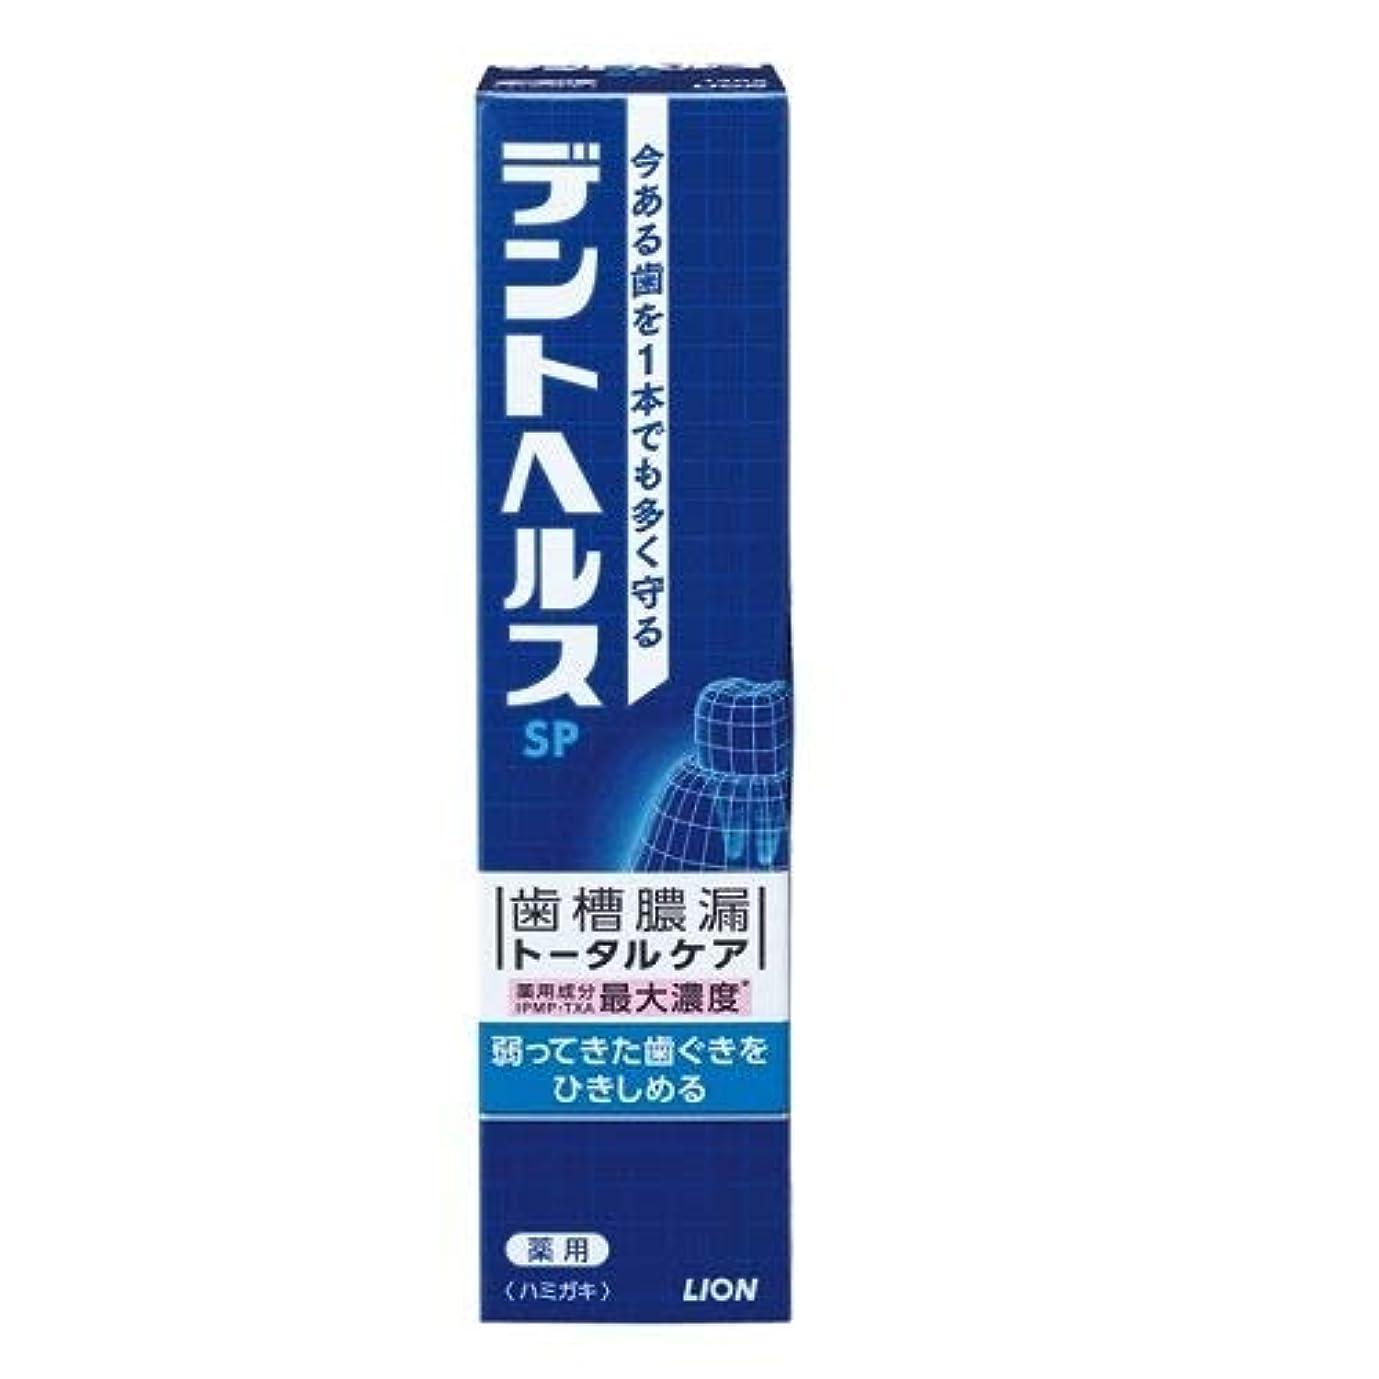 マイナス批判的ライオン デントヘルス 薬用ハミガキ SP 120g (医薬部外品)× 4